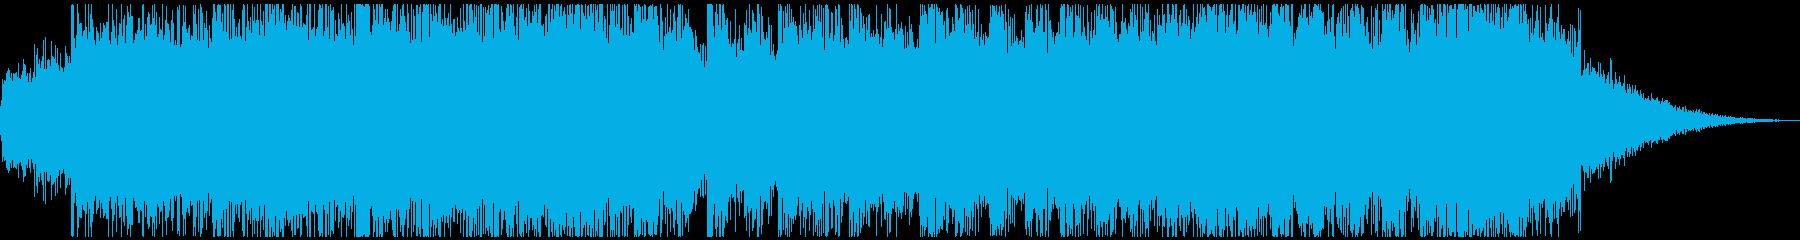 オーケストラの勝利ジングルの再生済みの波形